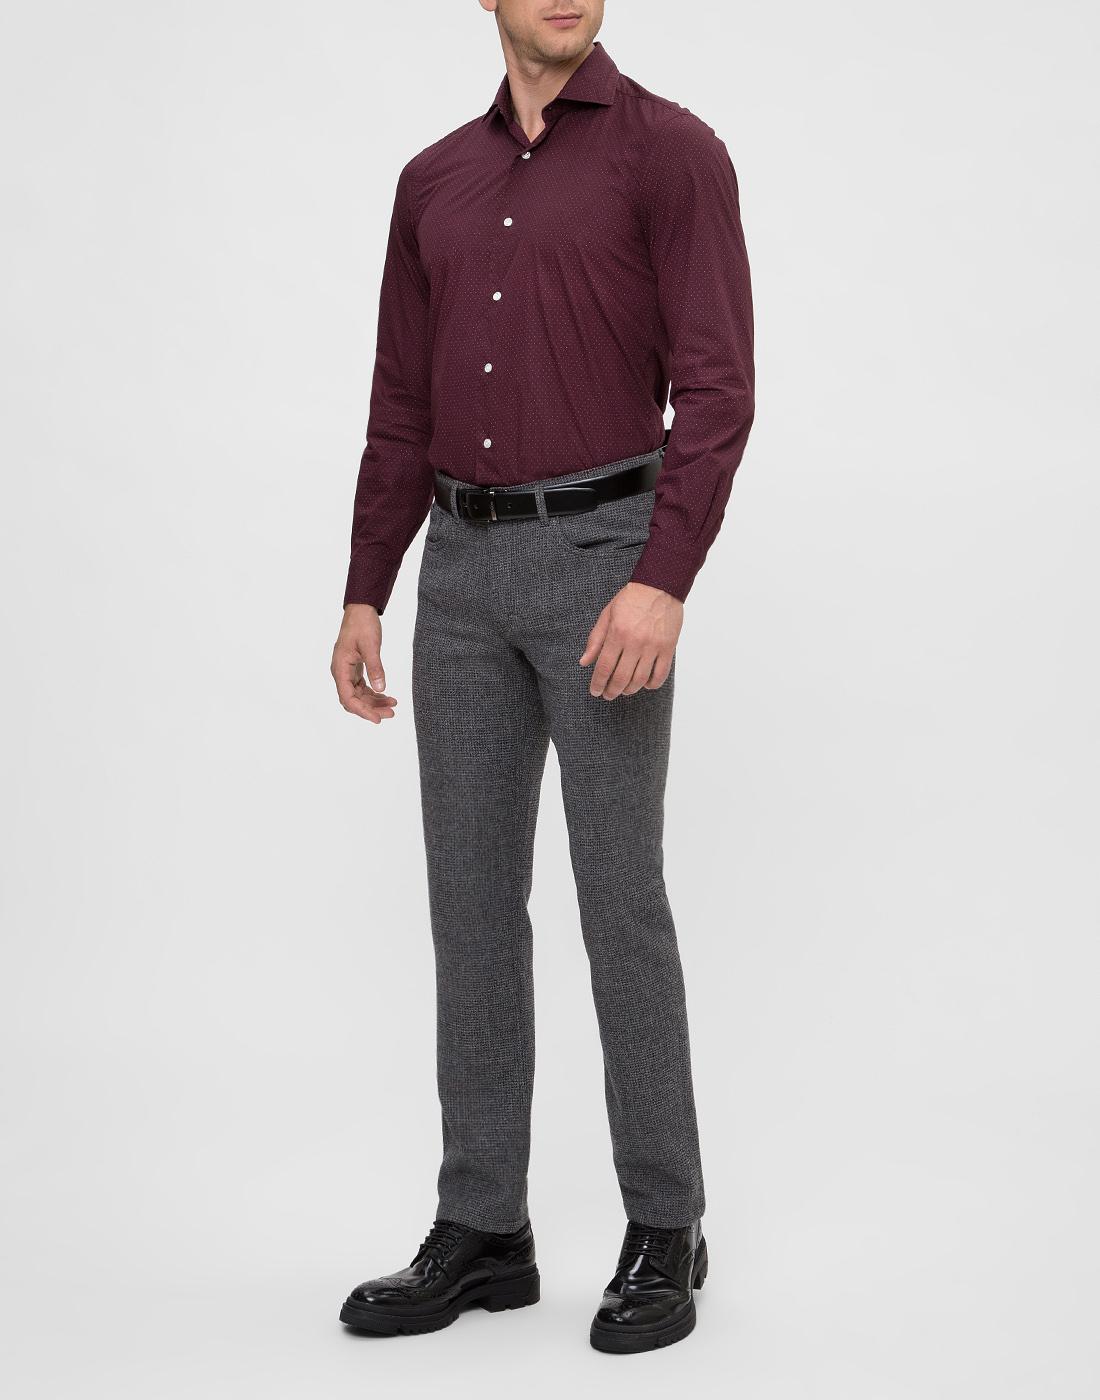 Мужские серые шерстяные брюки Hiltl  S12446 16 33580-5